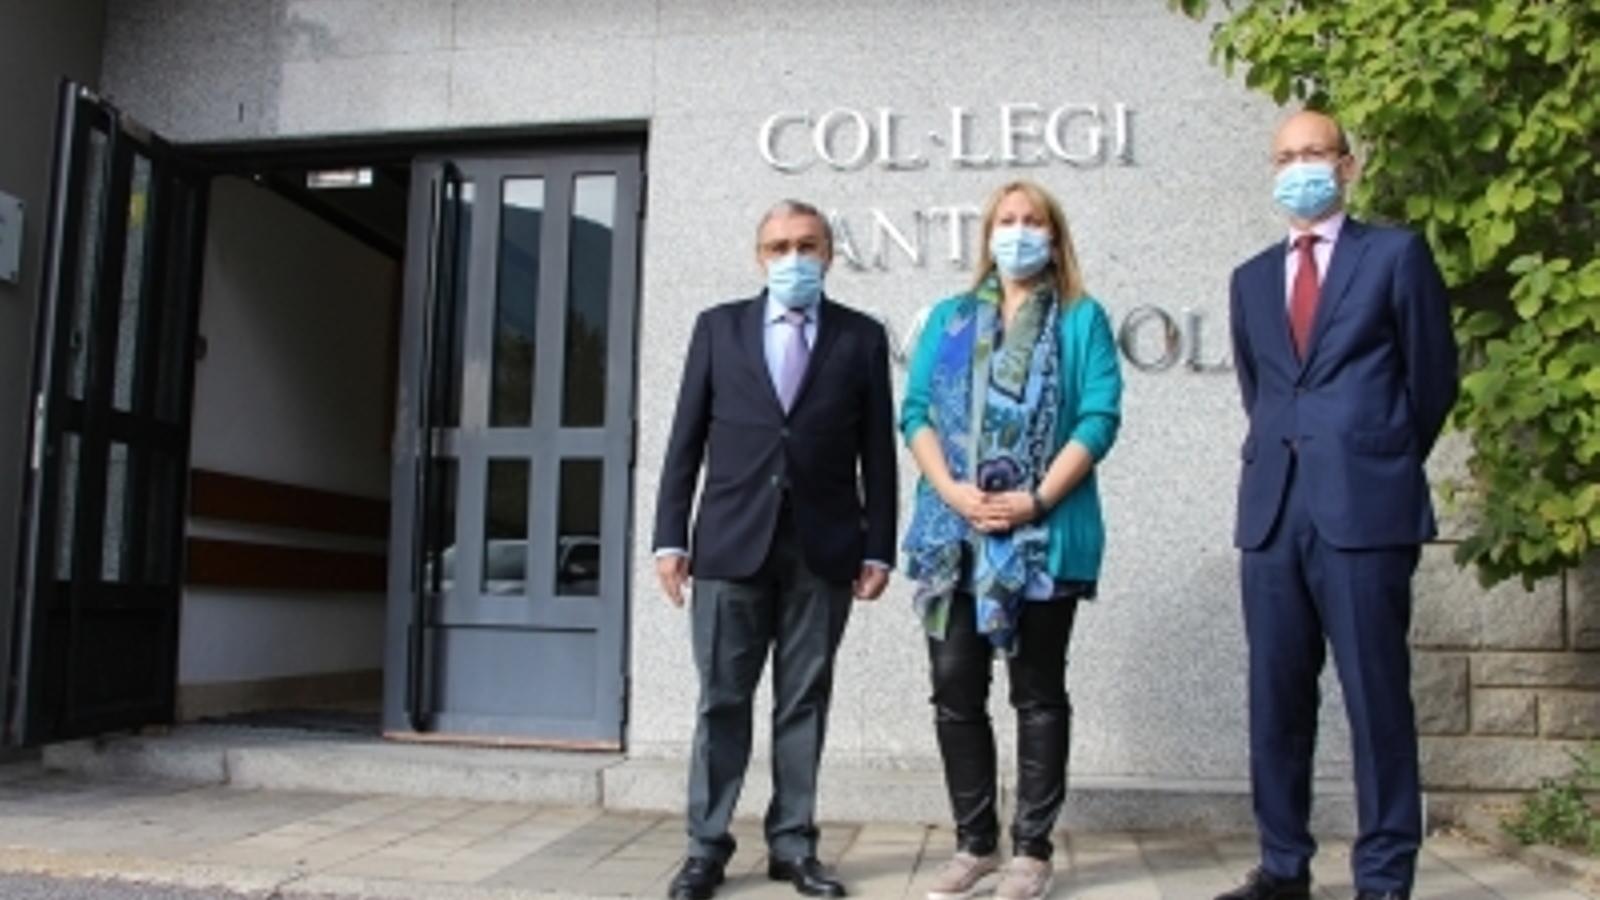 L'ambaixador d'Espanya a Andorra, Àngel Ros, i la directora del col·legi Sant Ermengol, Maria Josep Pascual, a l'entrada del centre / MP